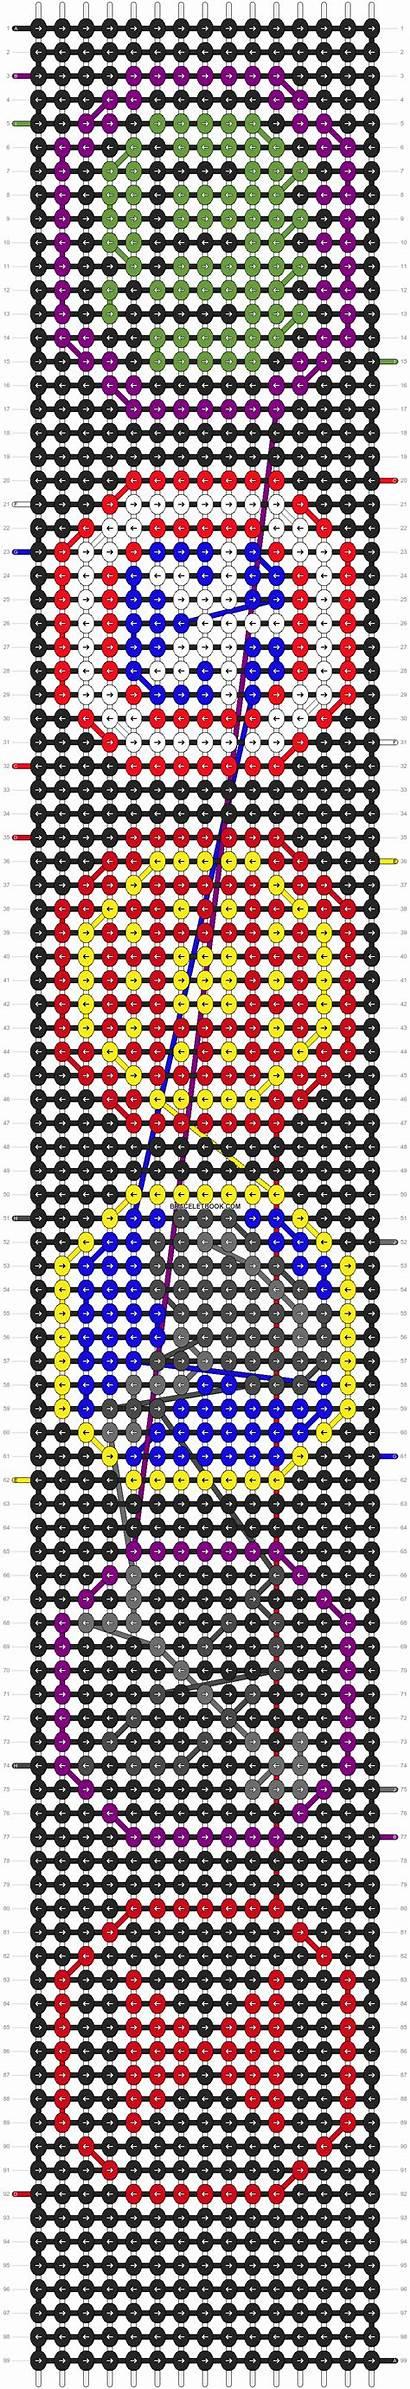 Alpha Patterns Pattern Bracelets Bracelet Friendship Braceletbook